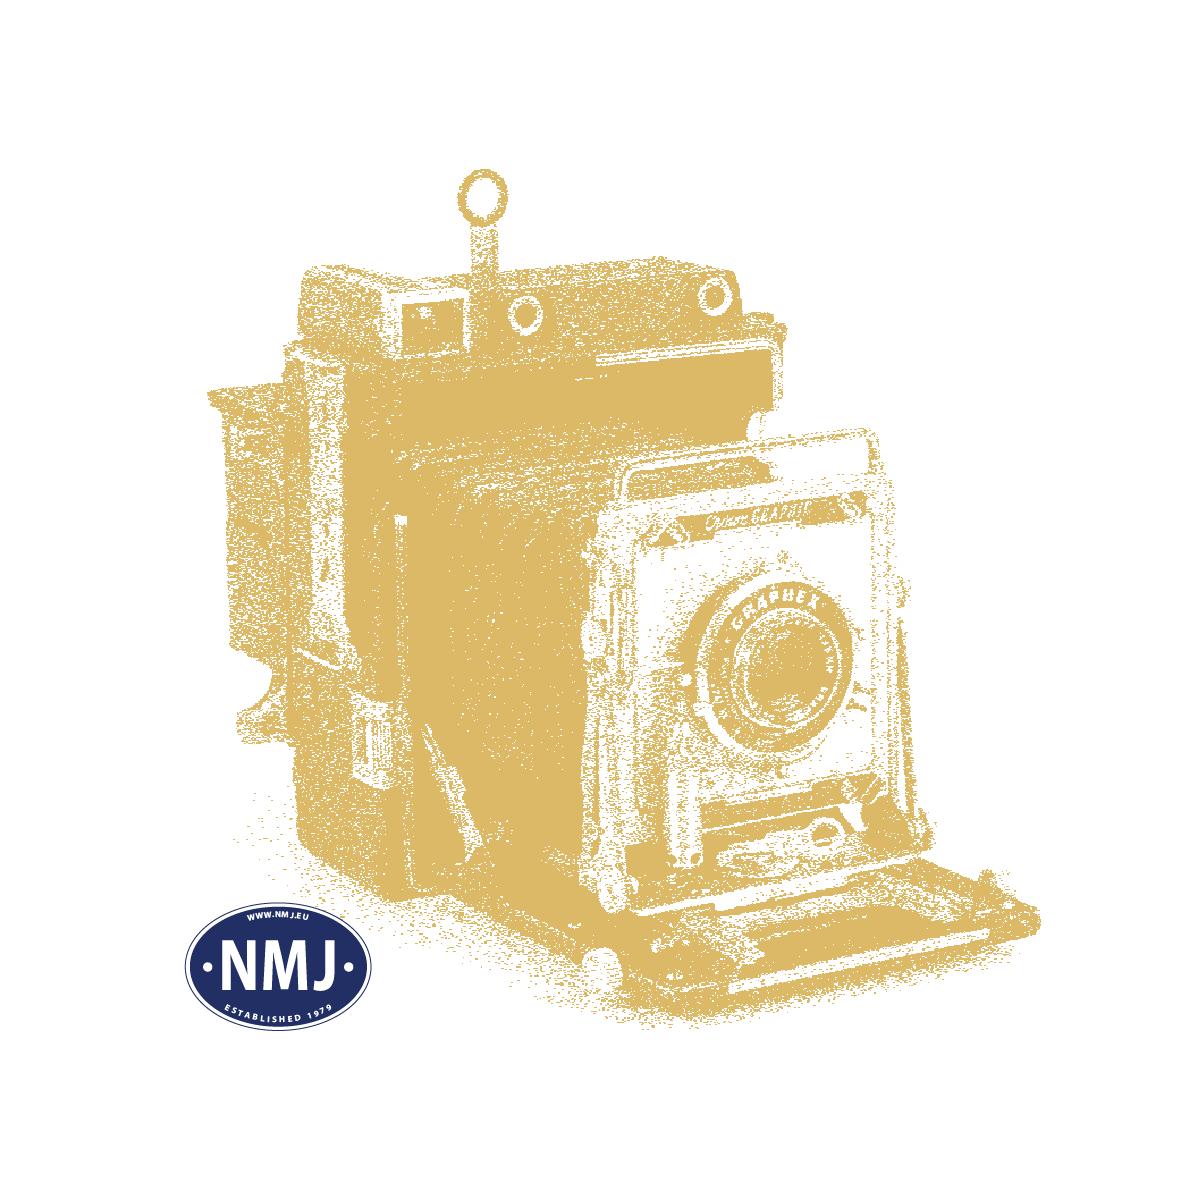 NMJST314548 - NMJ Superline Modell des NSB Rungenwagens T3 14548